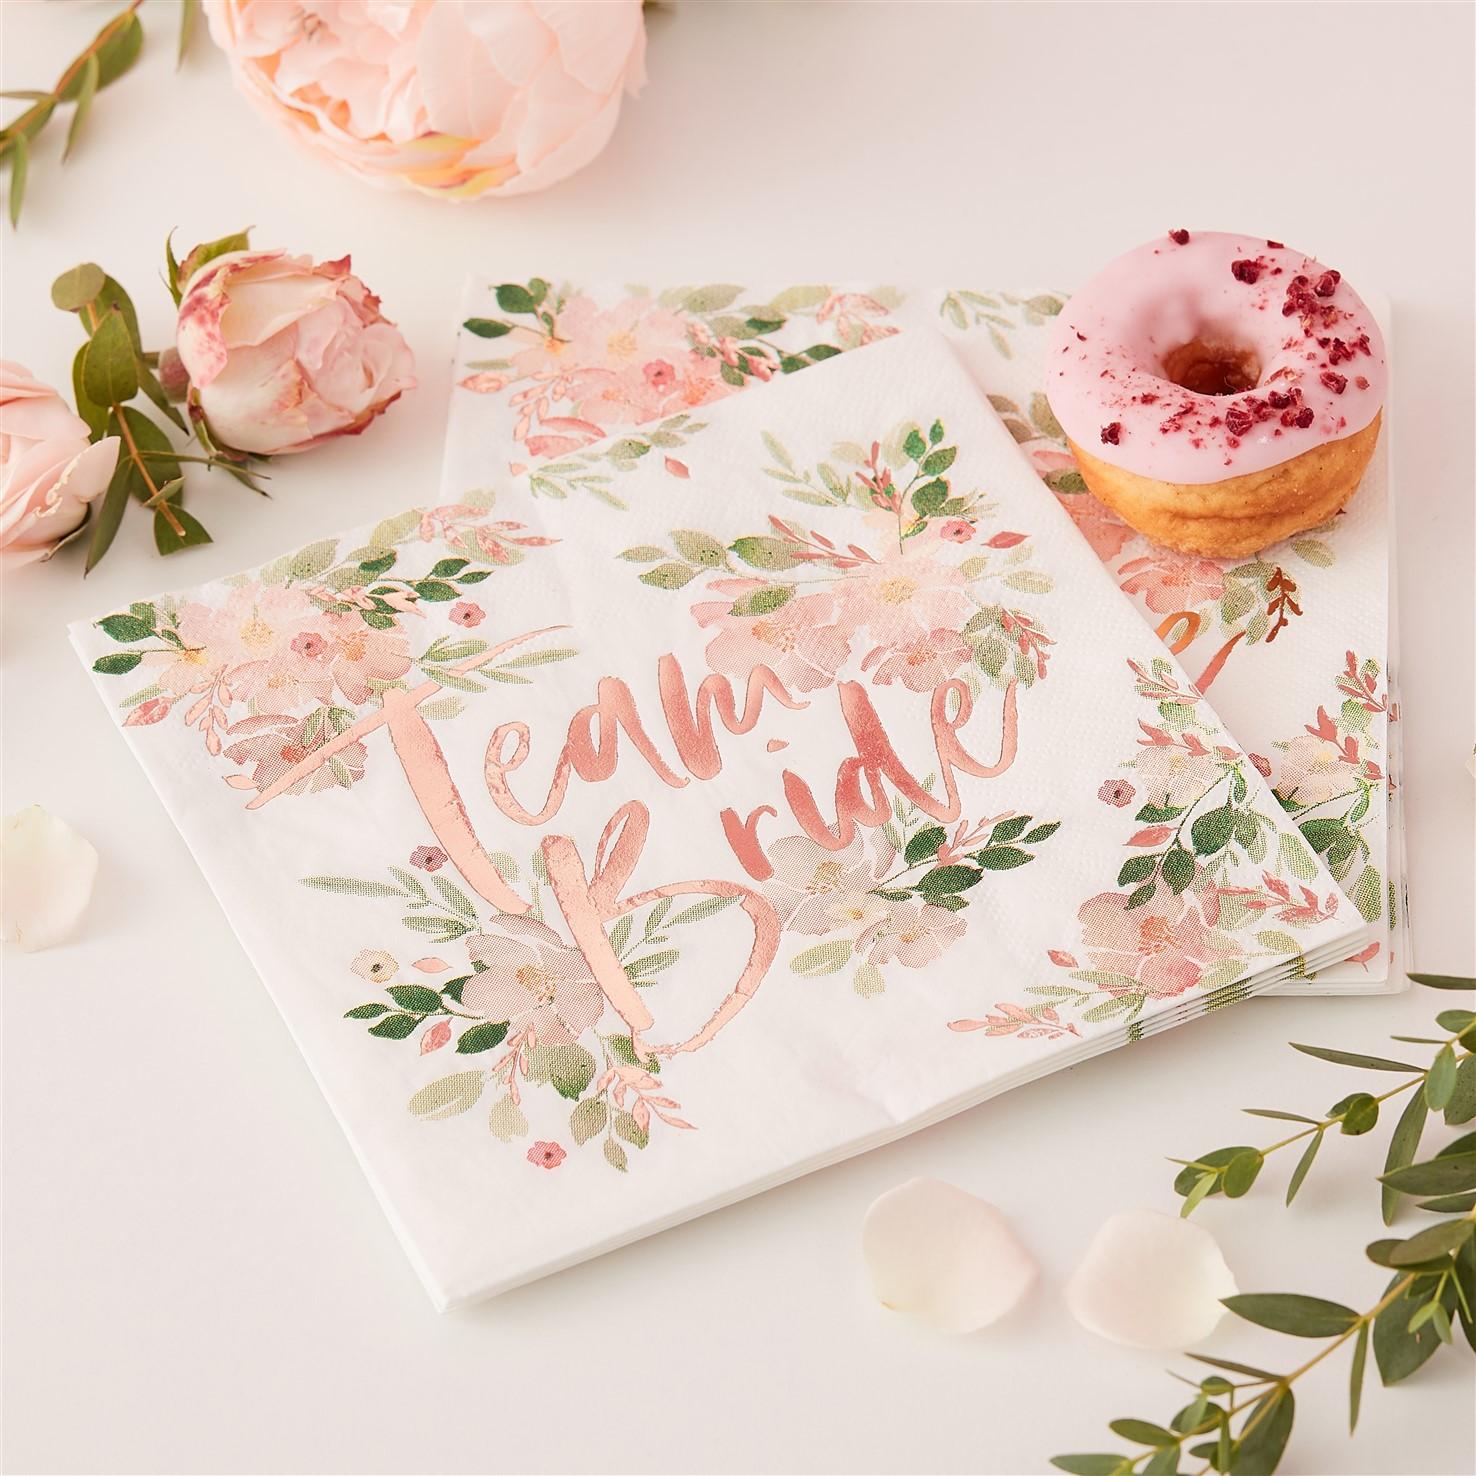 Χαρτοπετσέτες Team Bride Floral – 16 Τεμάχια